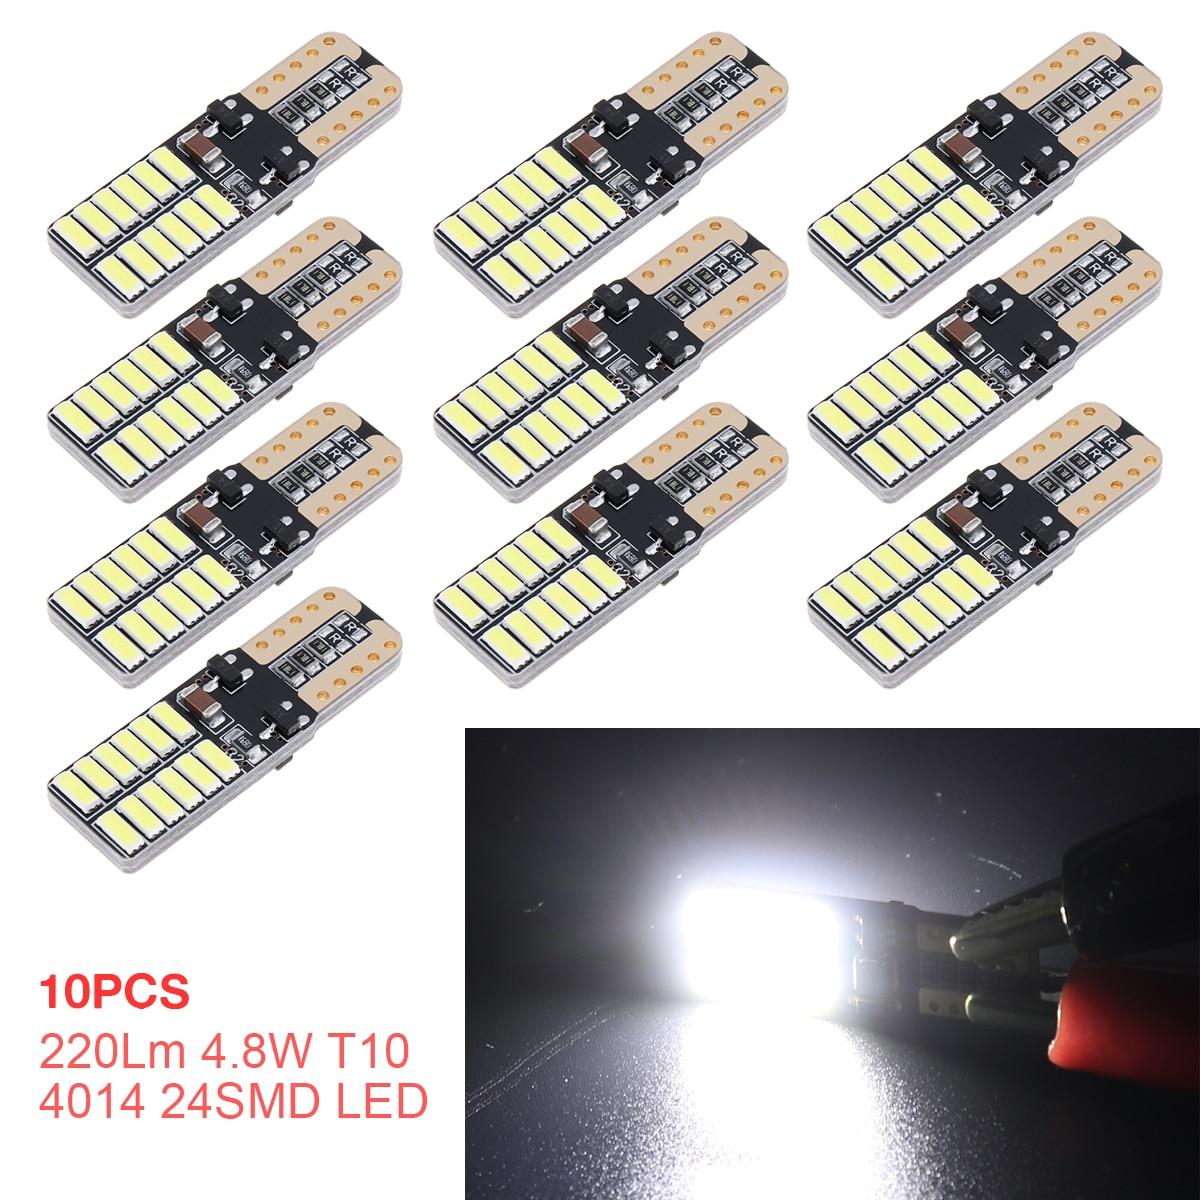 Автомобильные задние фары 10 шт./лот, 220Lm 4,8 W T10 4014 24SMD светодиоды Автомобильные Боковые Сигналы поворота, автомобильные белые лампы для чтения